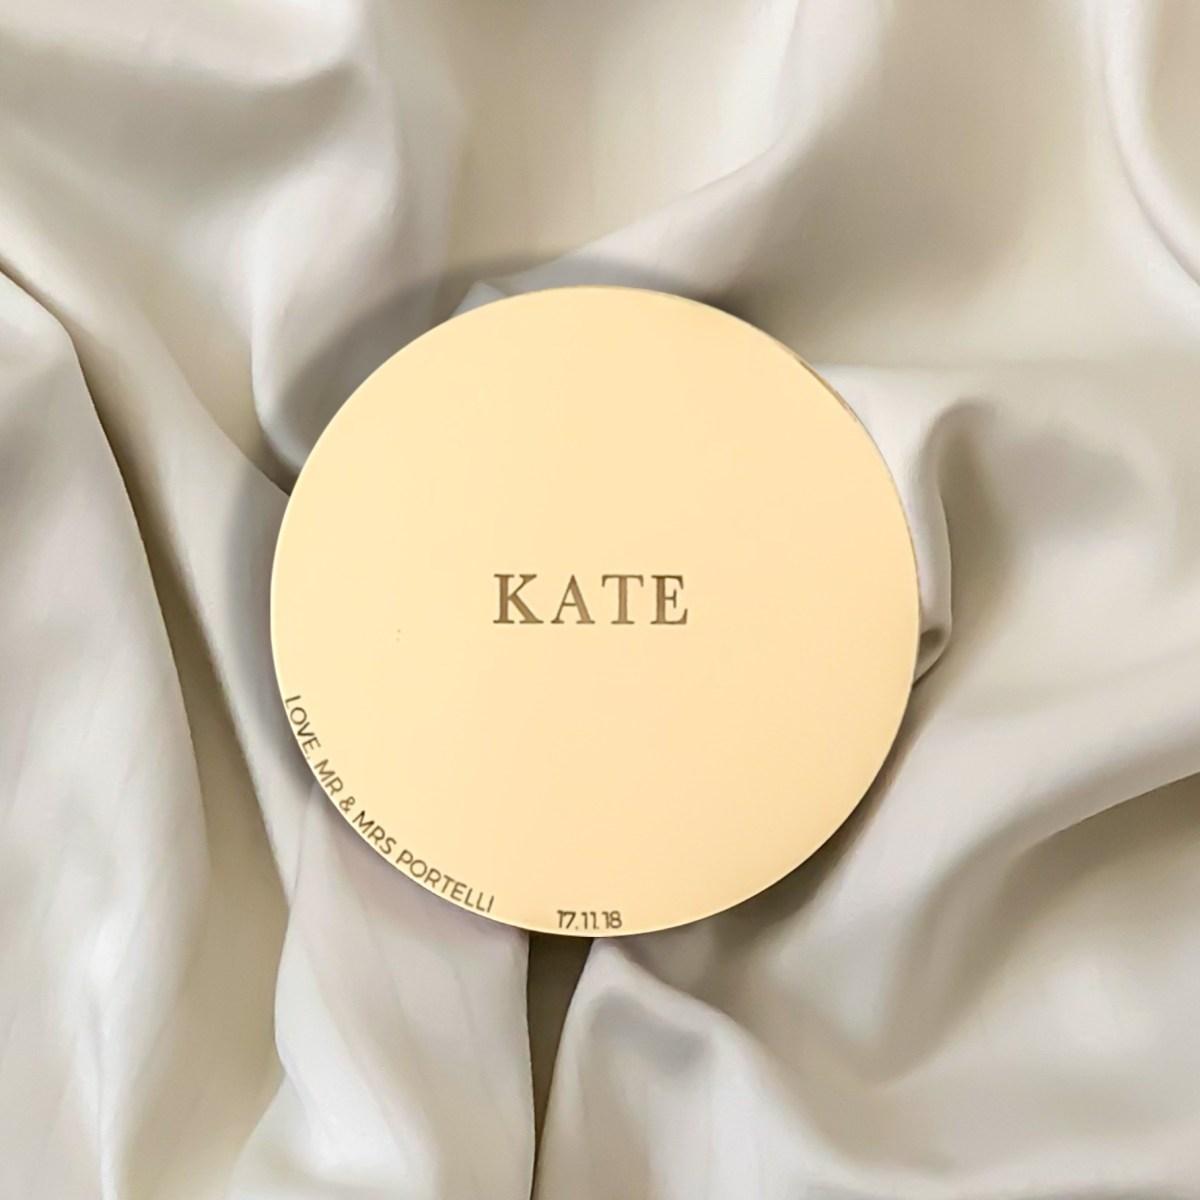 Lustre Gold Mirror Acrylic Coaster